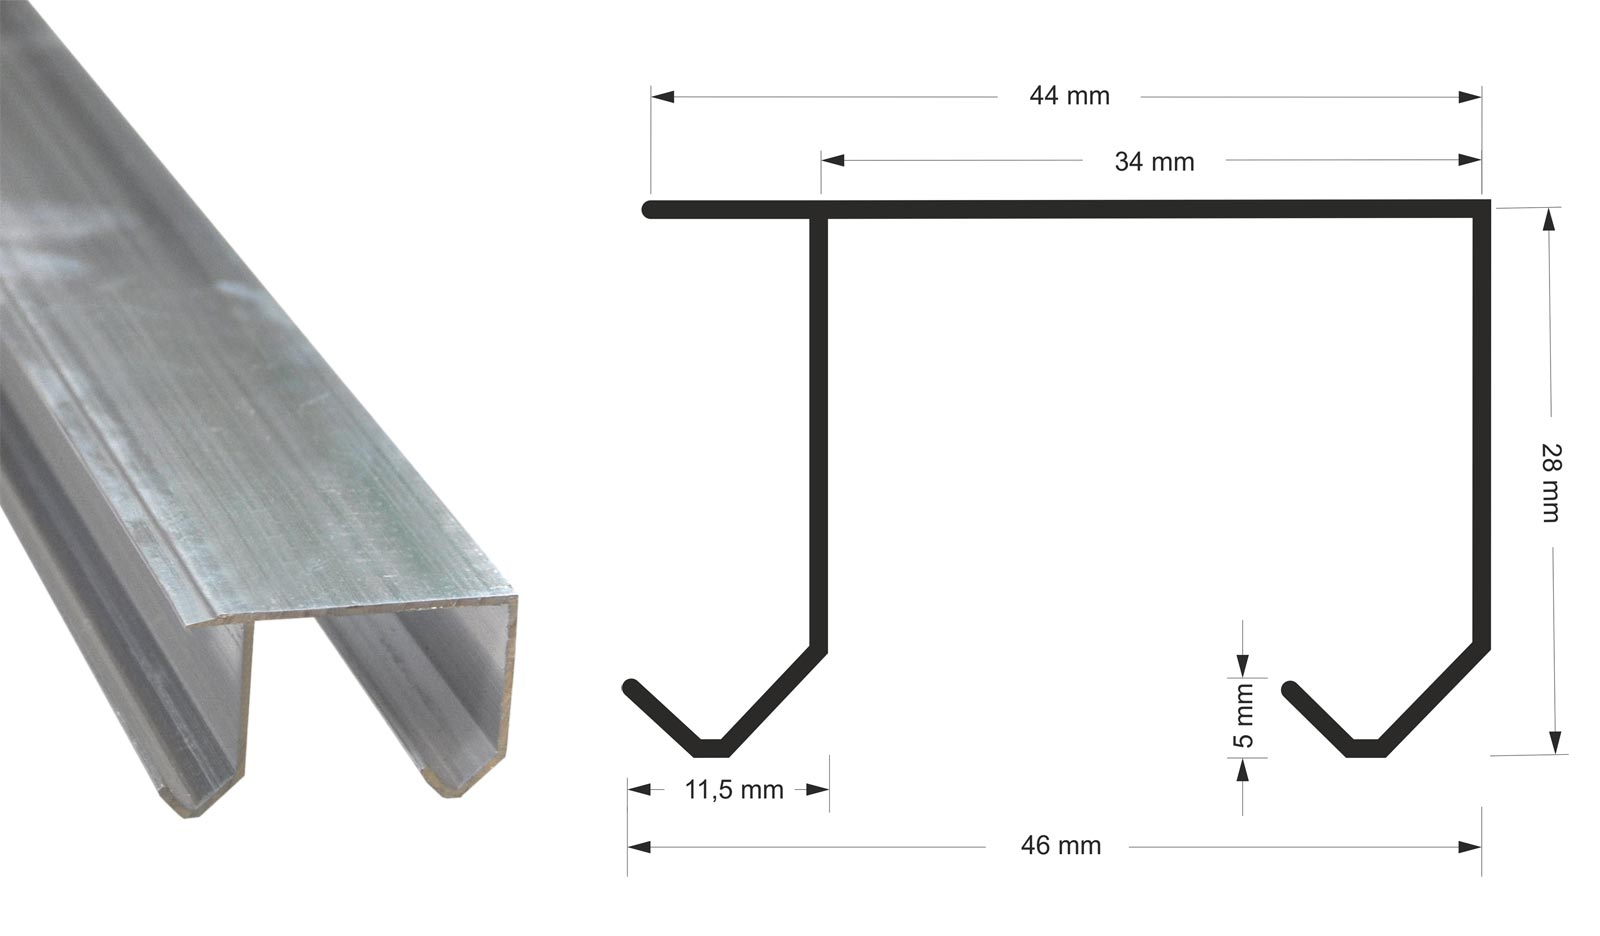 systeme f r schiebet ren doppellaufschiene laufrollen. Black Bedroom Furniture Sets. Home Design Ideas